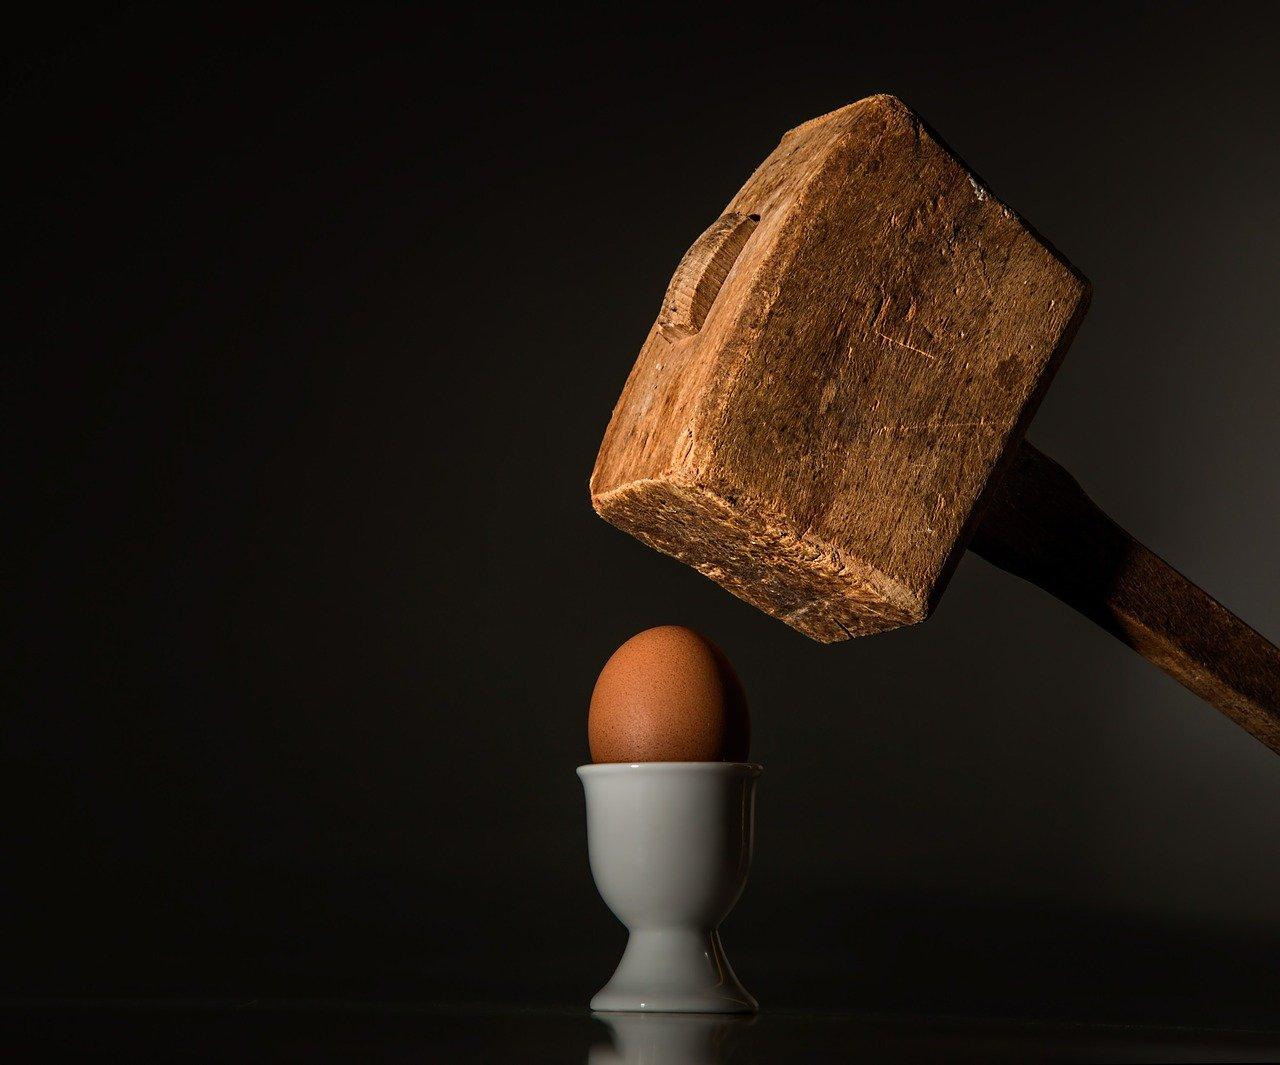 Eier aufschlagen leicht gemacht